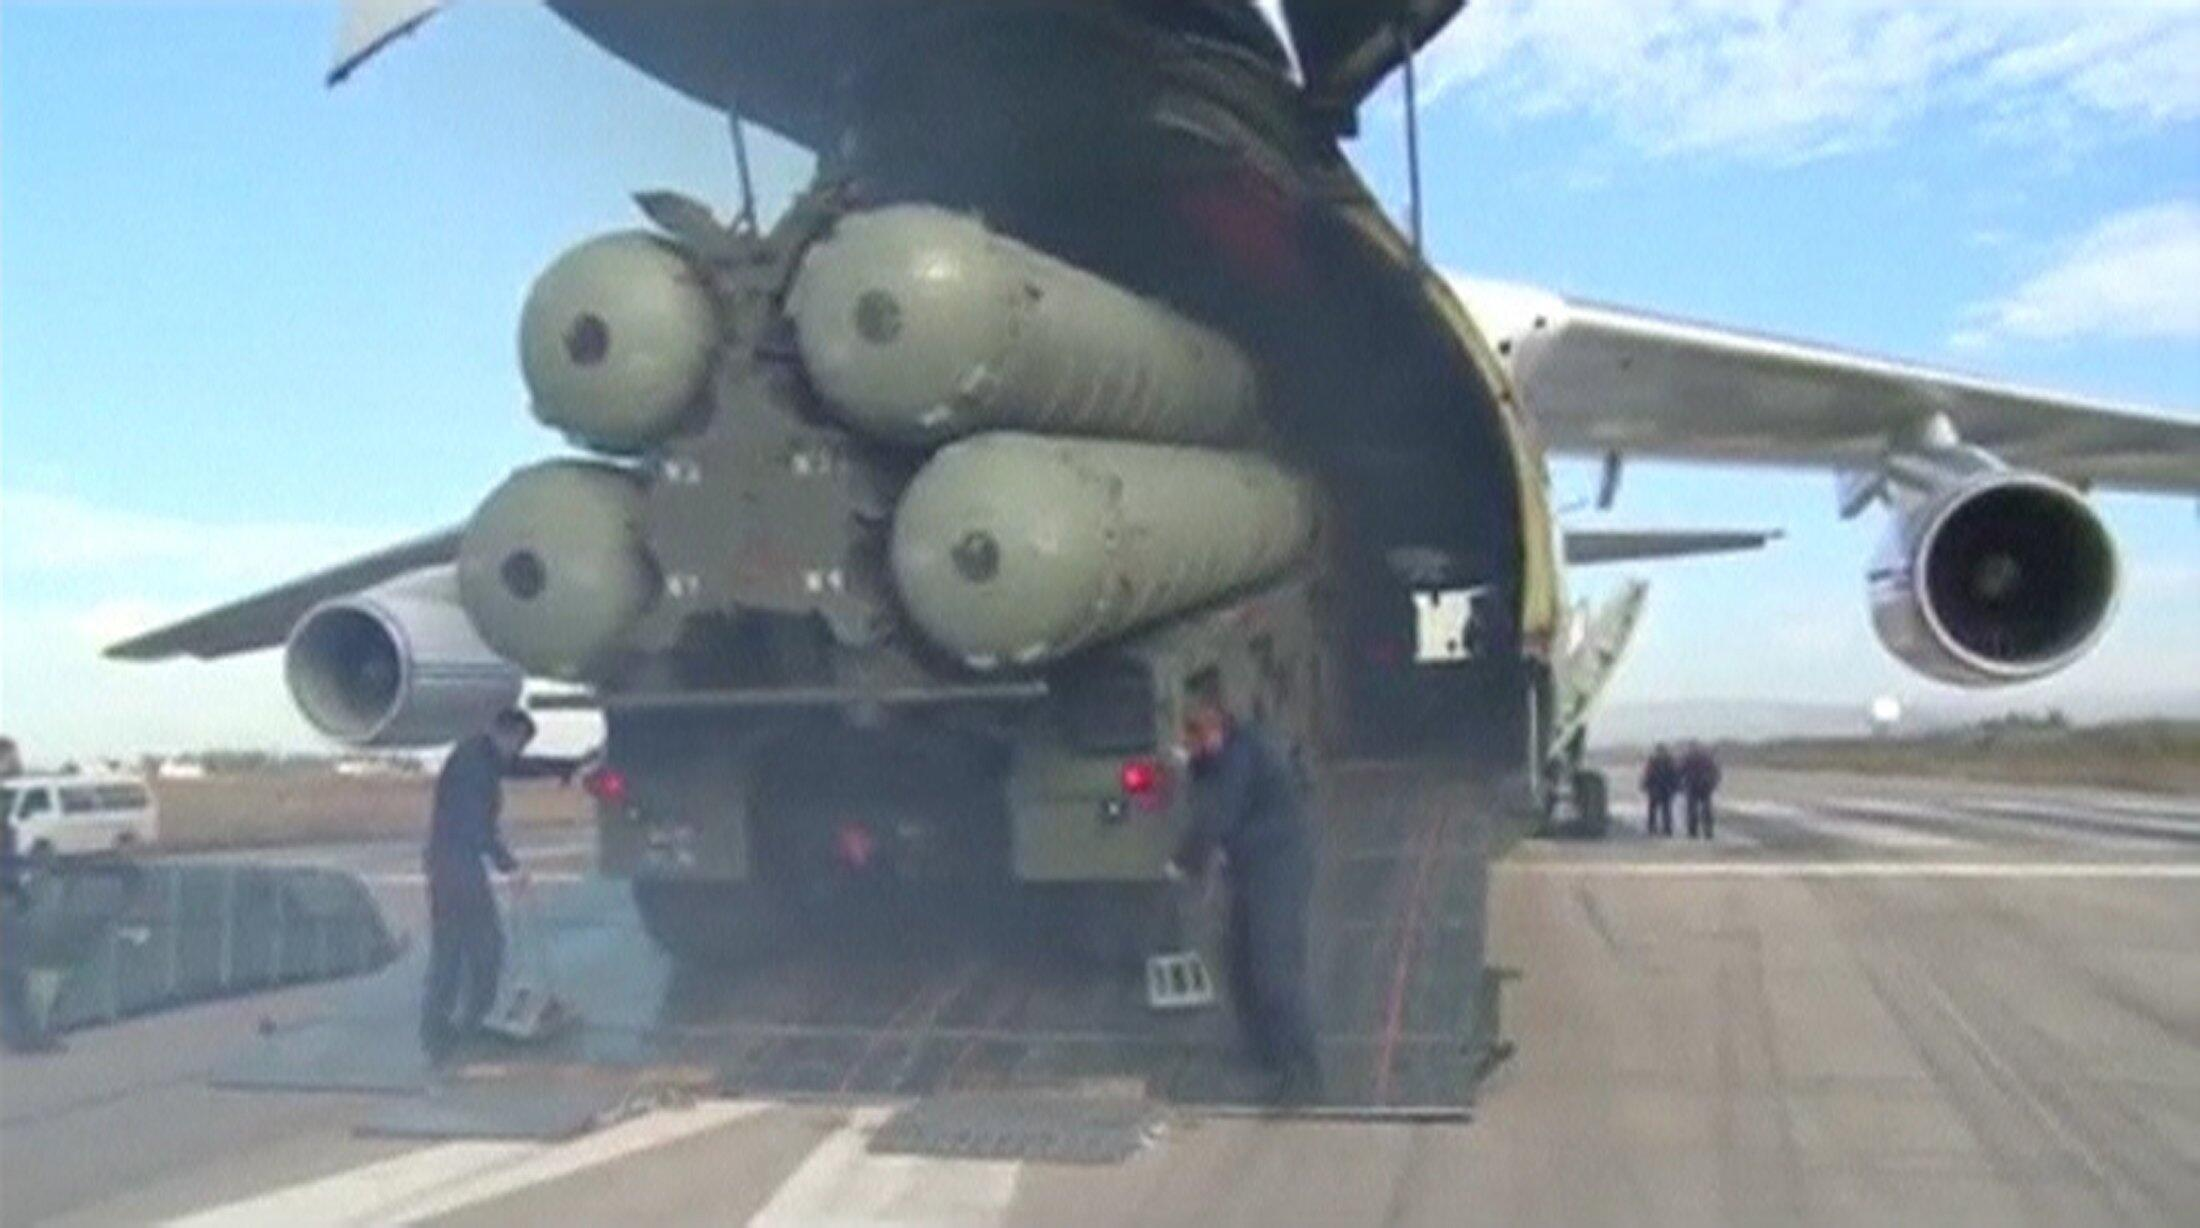 Tên lửa S-400 được chở đến khu căn cứ Hmeymim, Syria. Ảnh do Bộ Quốc phòng Nga cung cấp, ngày 26/11/2015.